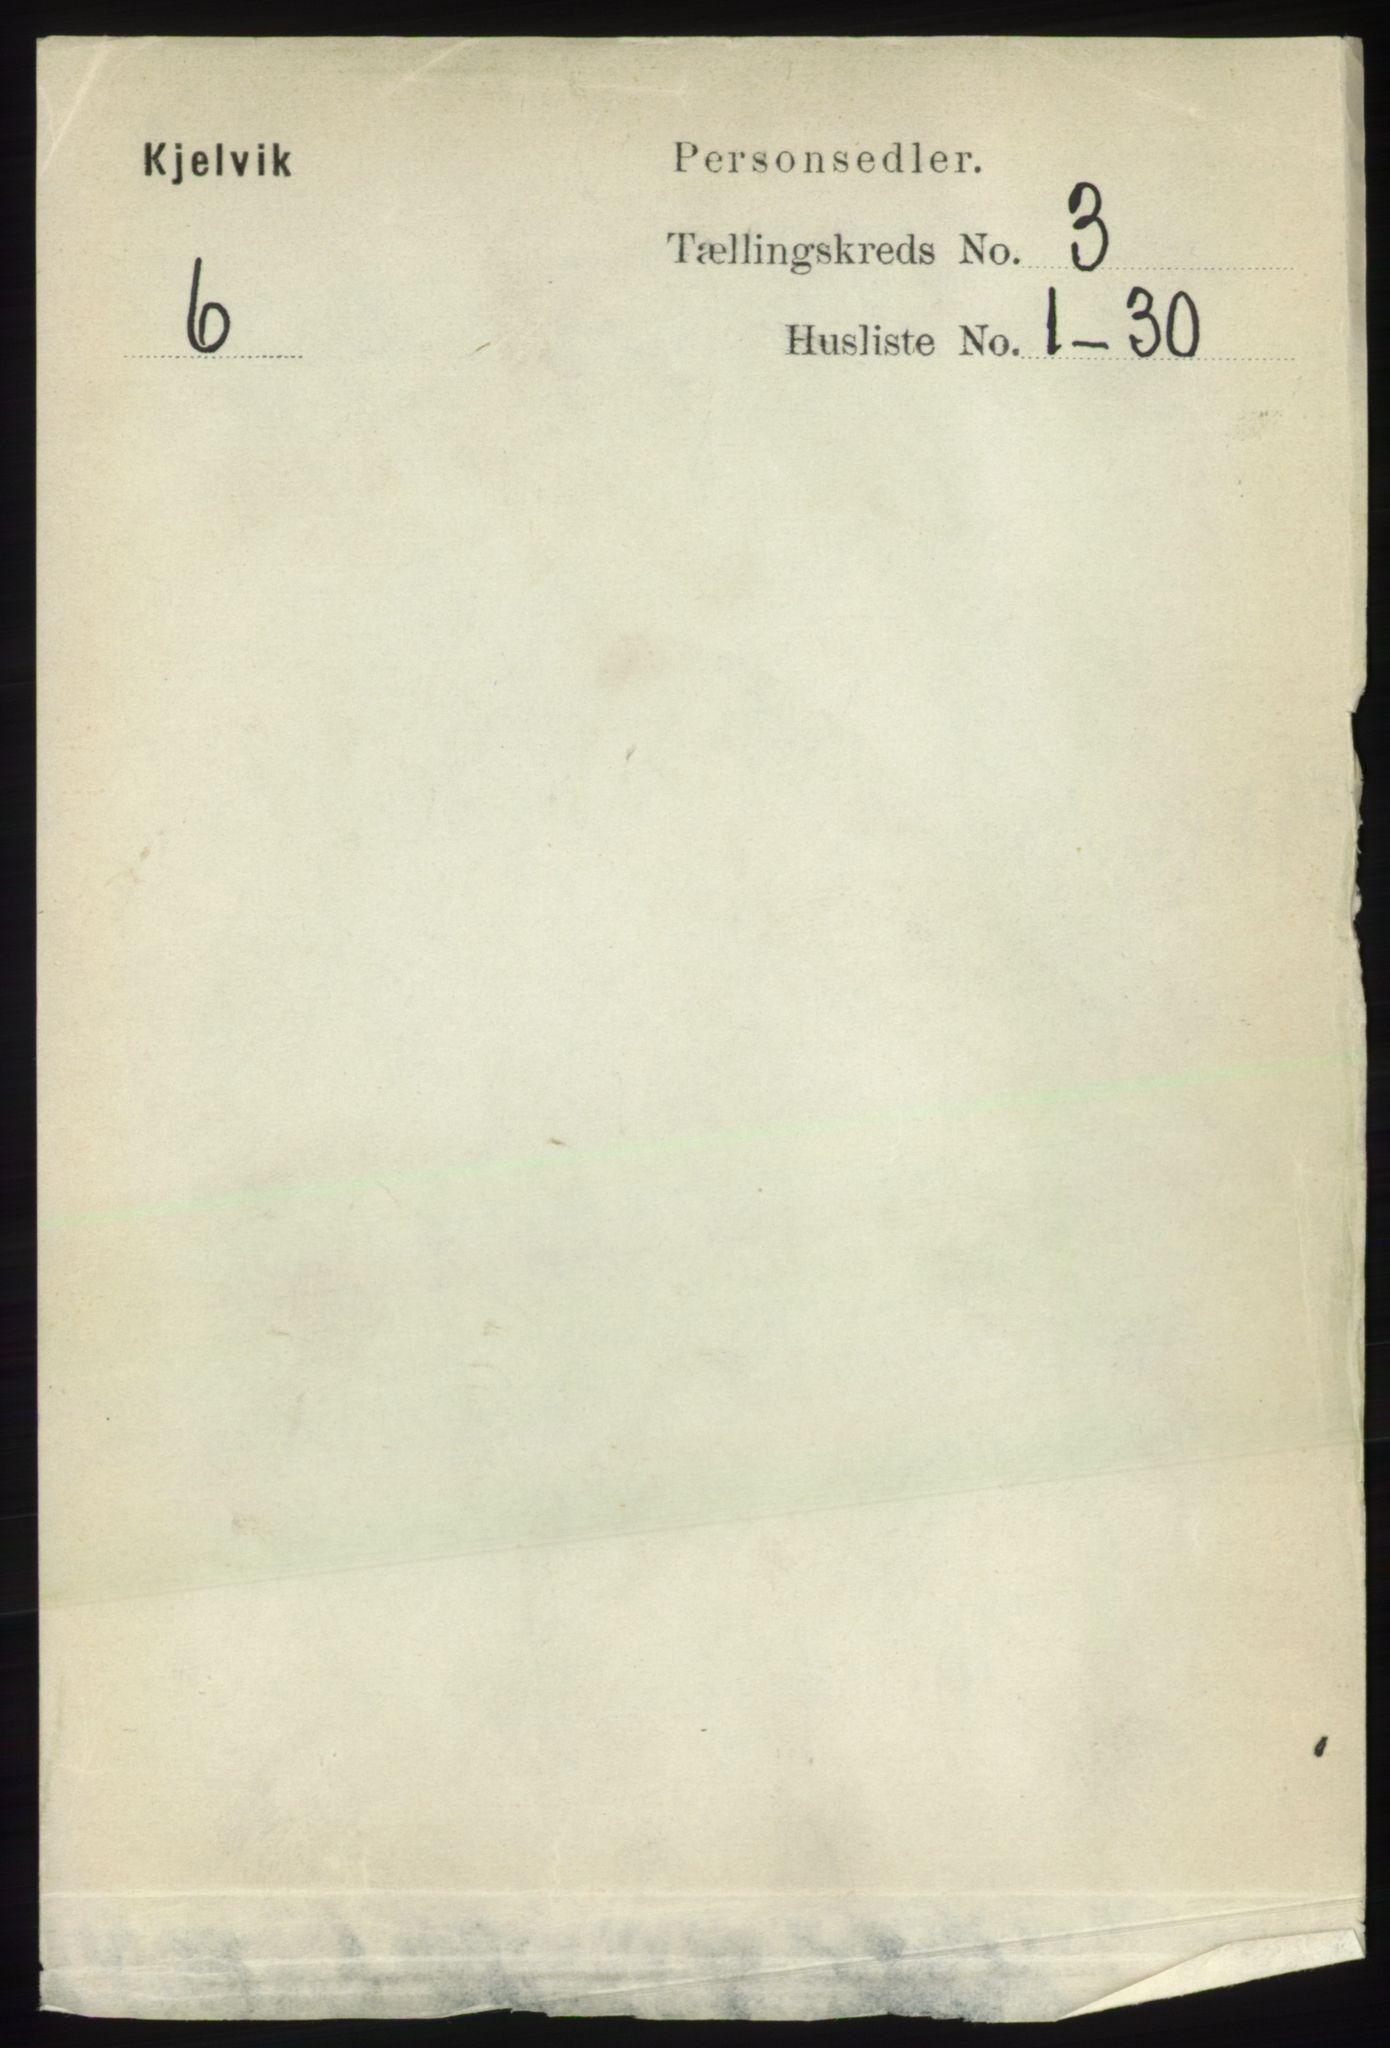 RA, Folketelling 1891 for 2019 Kjelvik herred, 1891, s. 245